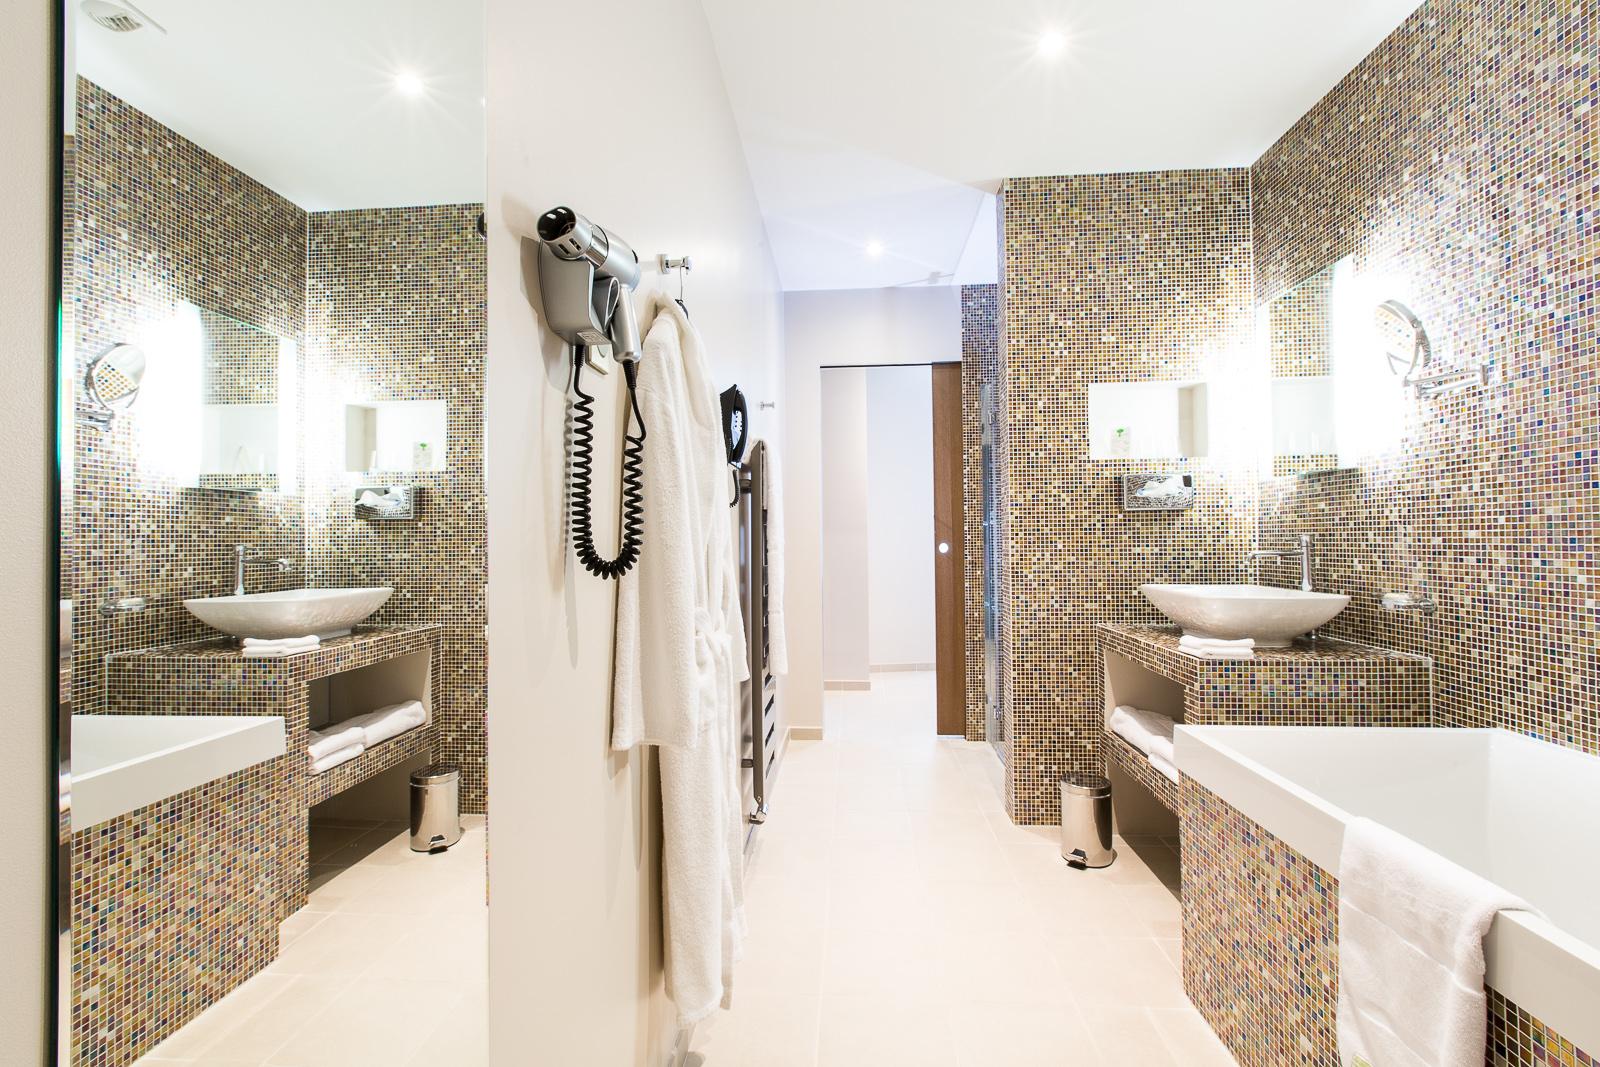 Hotel Marotte chambre confort salle d'eau